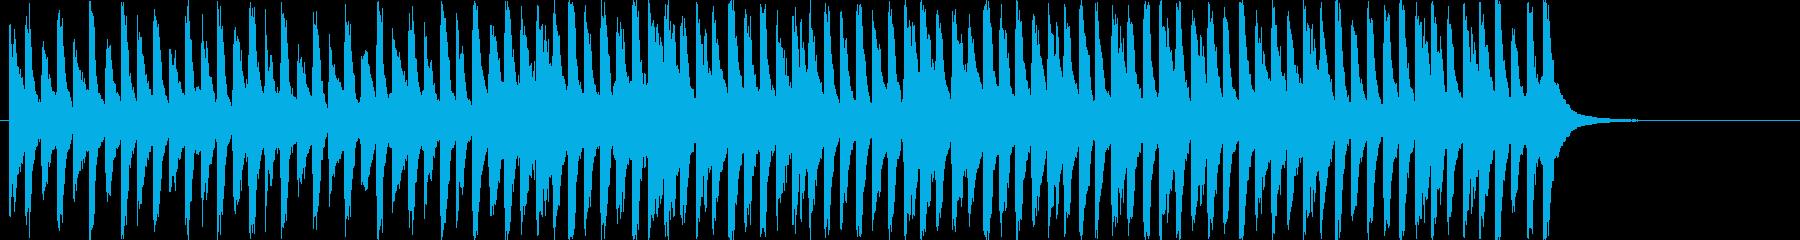 クリスマスソング「ひいらぎ飾ろう」の再生済みの波形